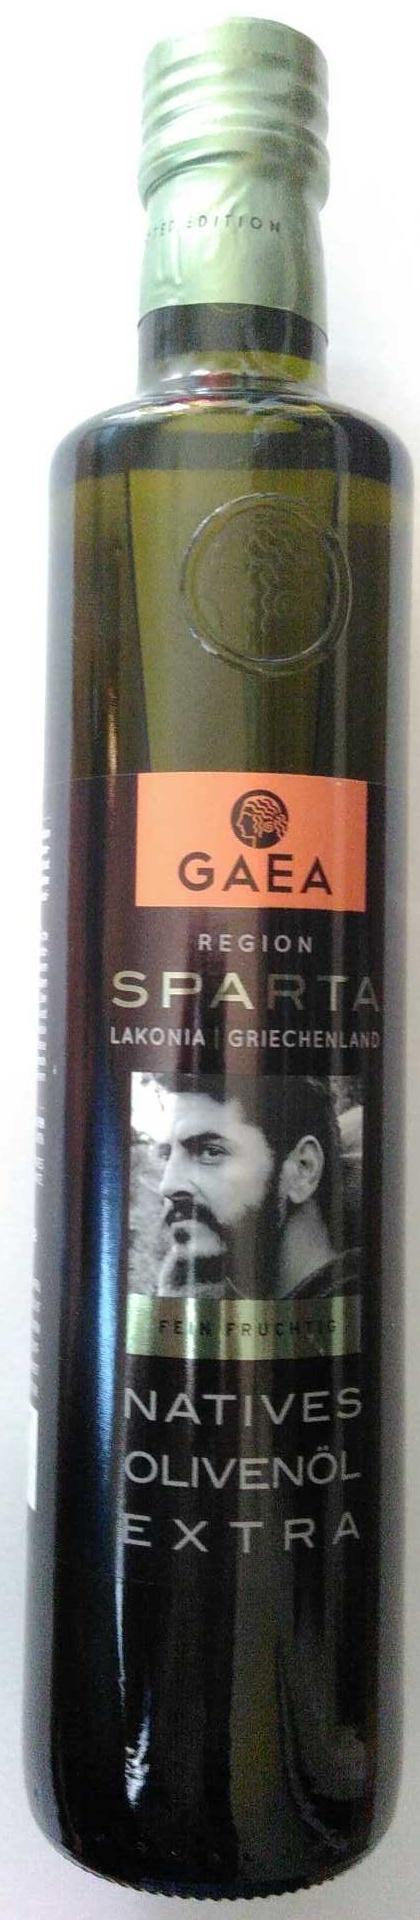 Sparta Natives Olivenöl Extra - Product - de